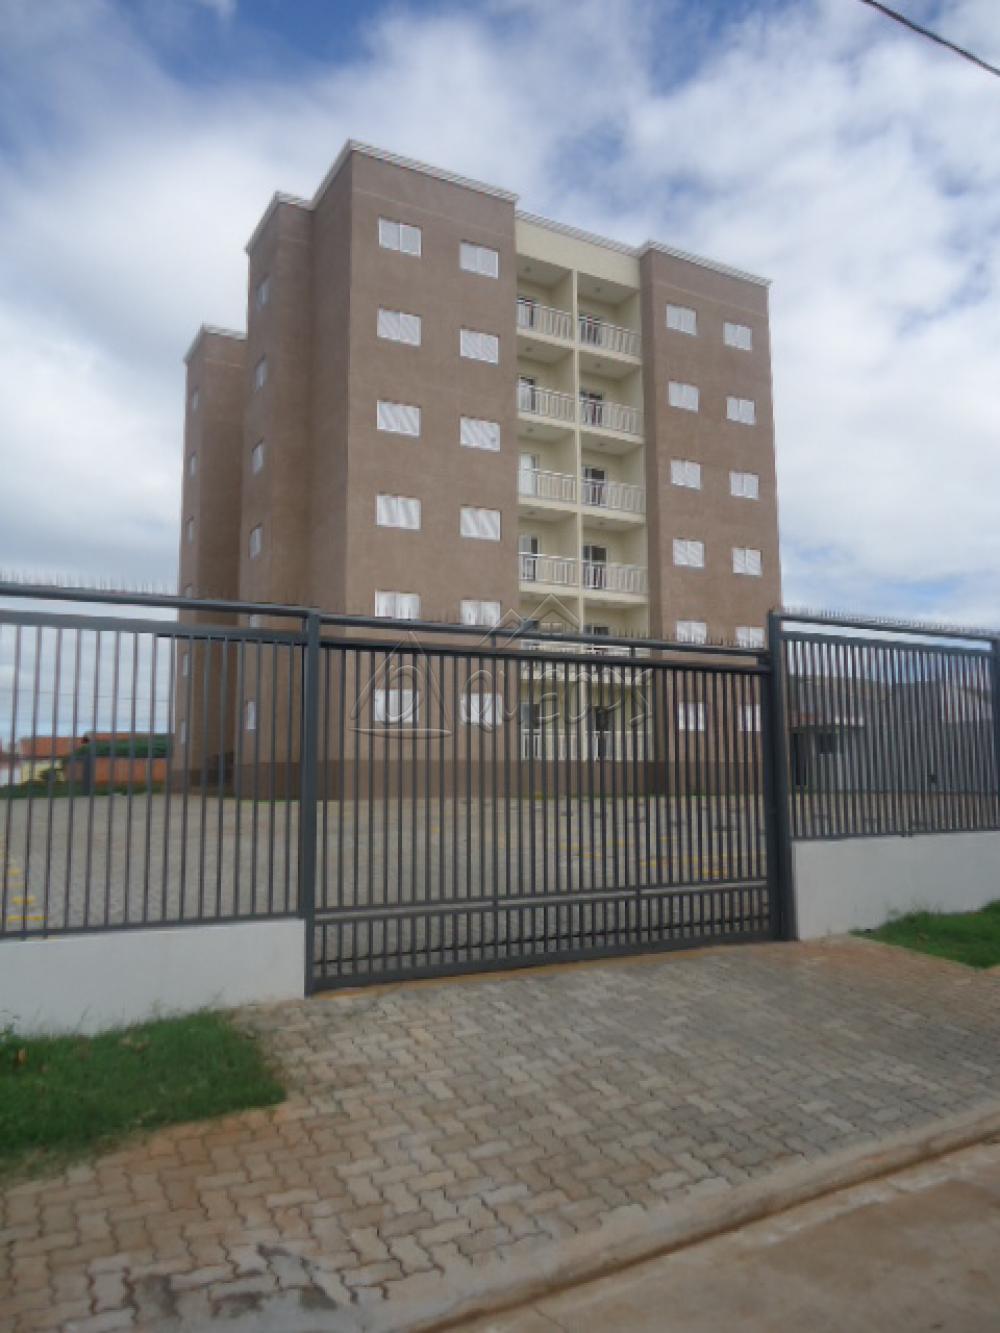 Alugar Apartamento / Padrão em Barretos apenas R$ 1.500,00 - Foto 1